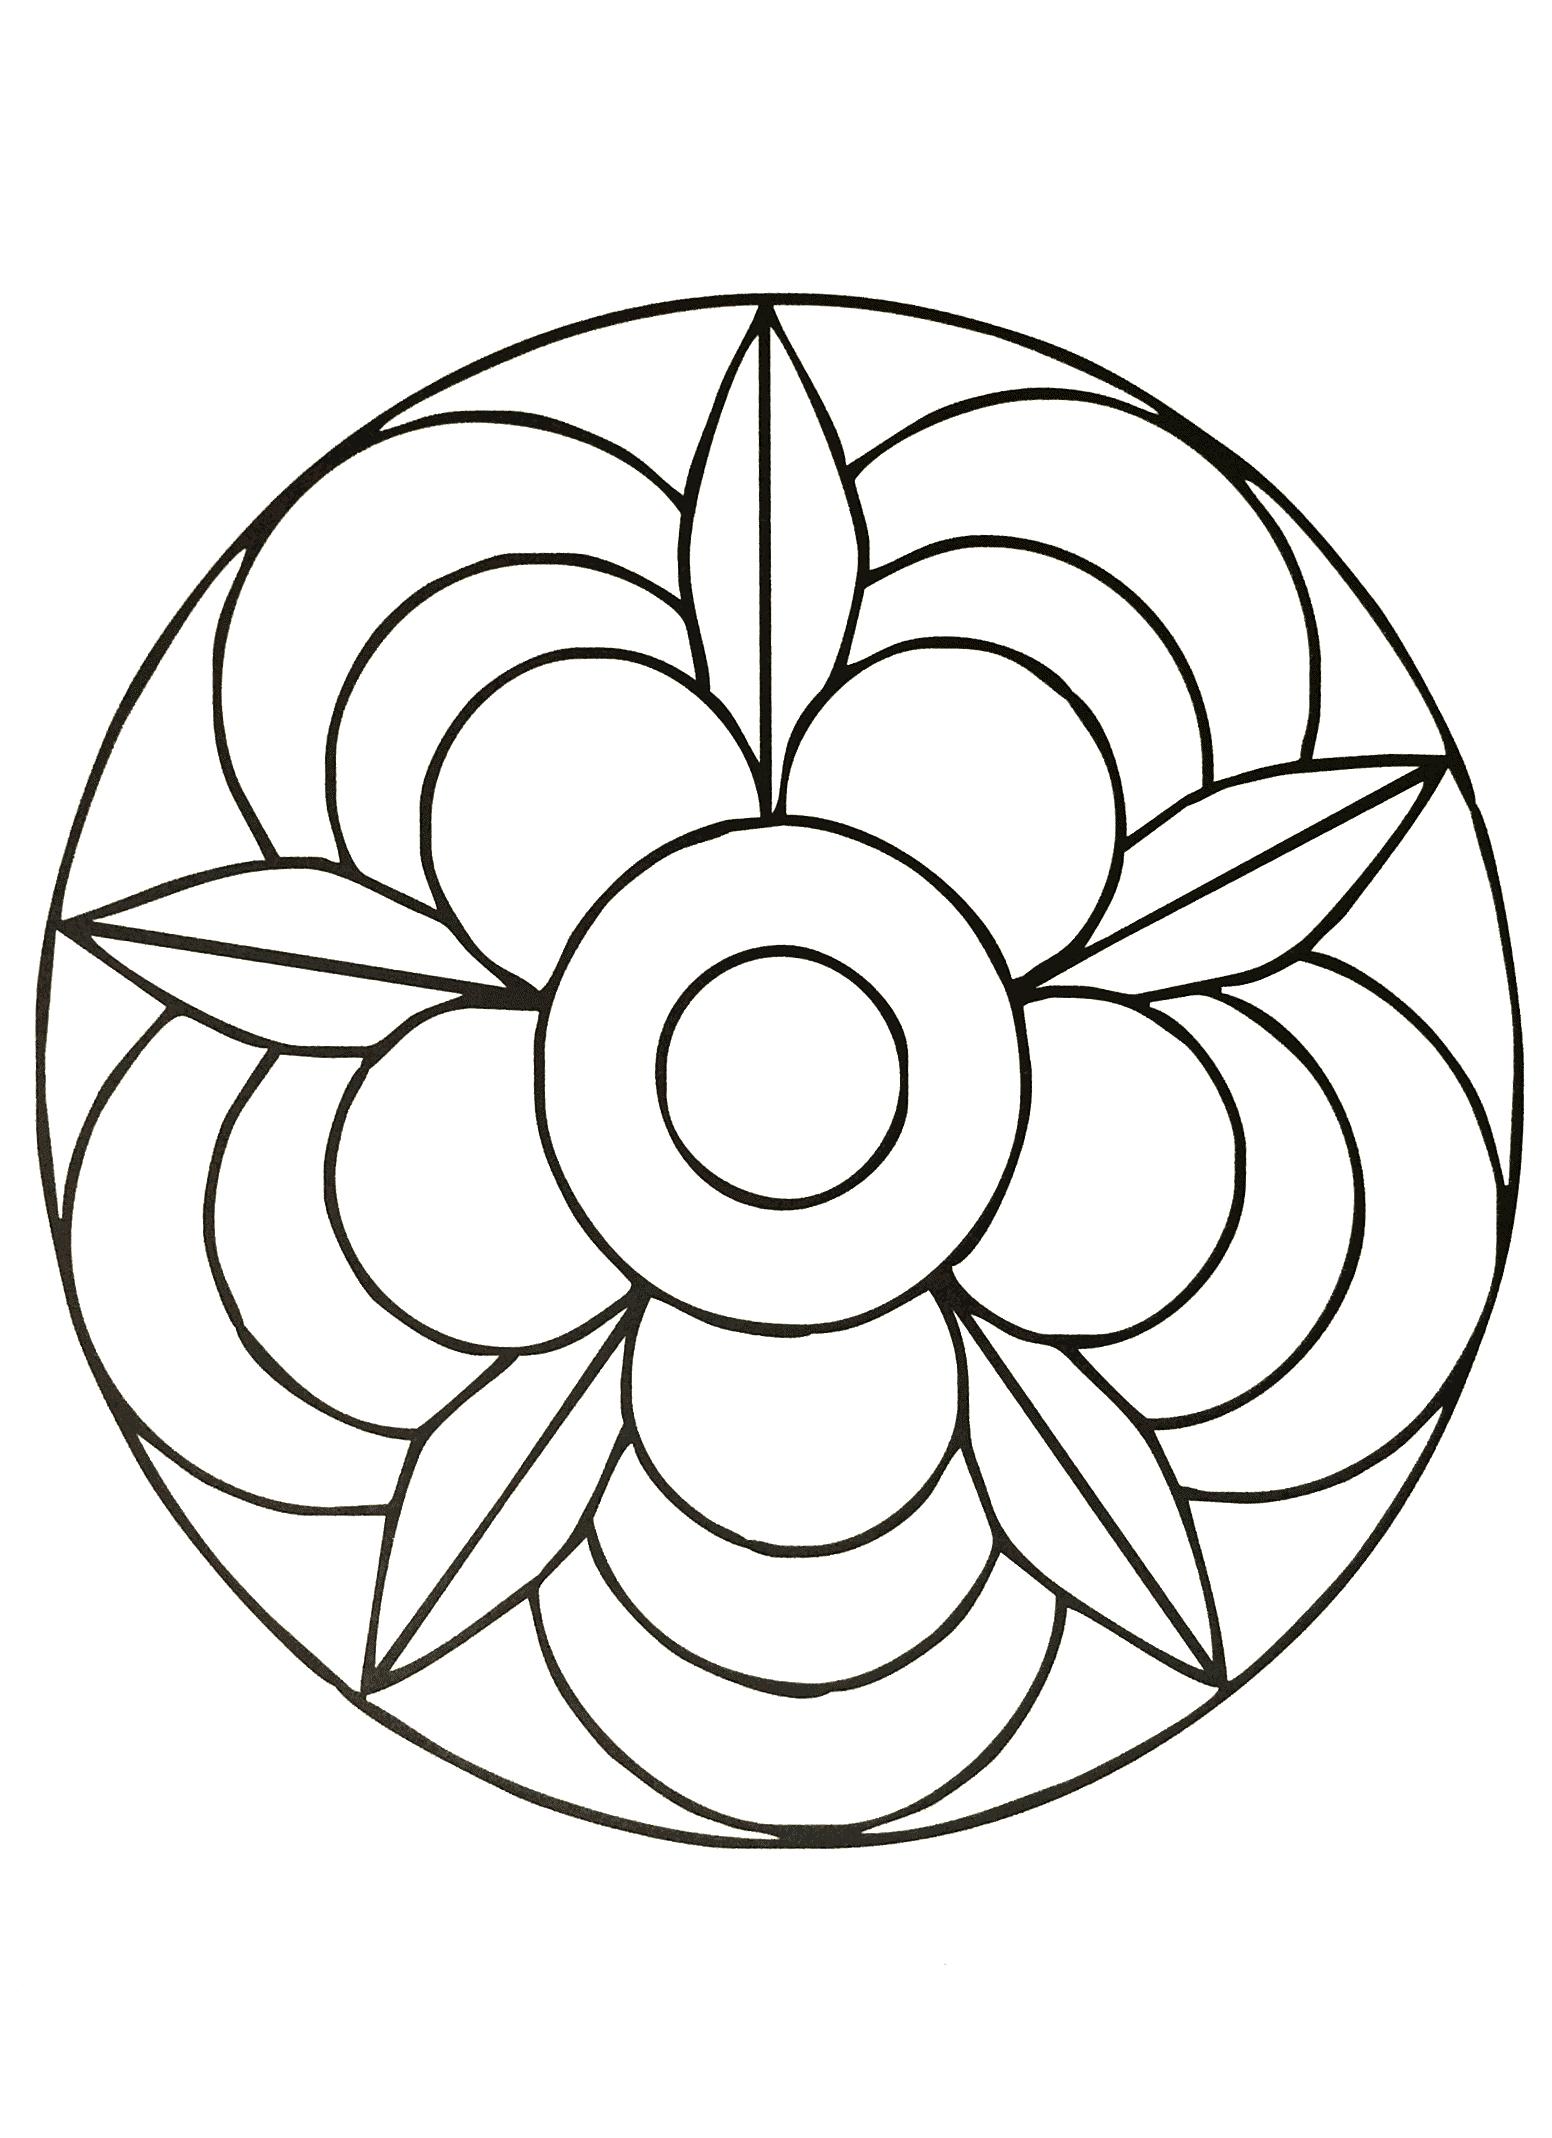 Mandalas A Imprimer Gratuit 31 - Mandalas Avec Motifs destiné Mandala À Colorier Et À Imprimer Gratuit